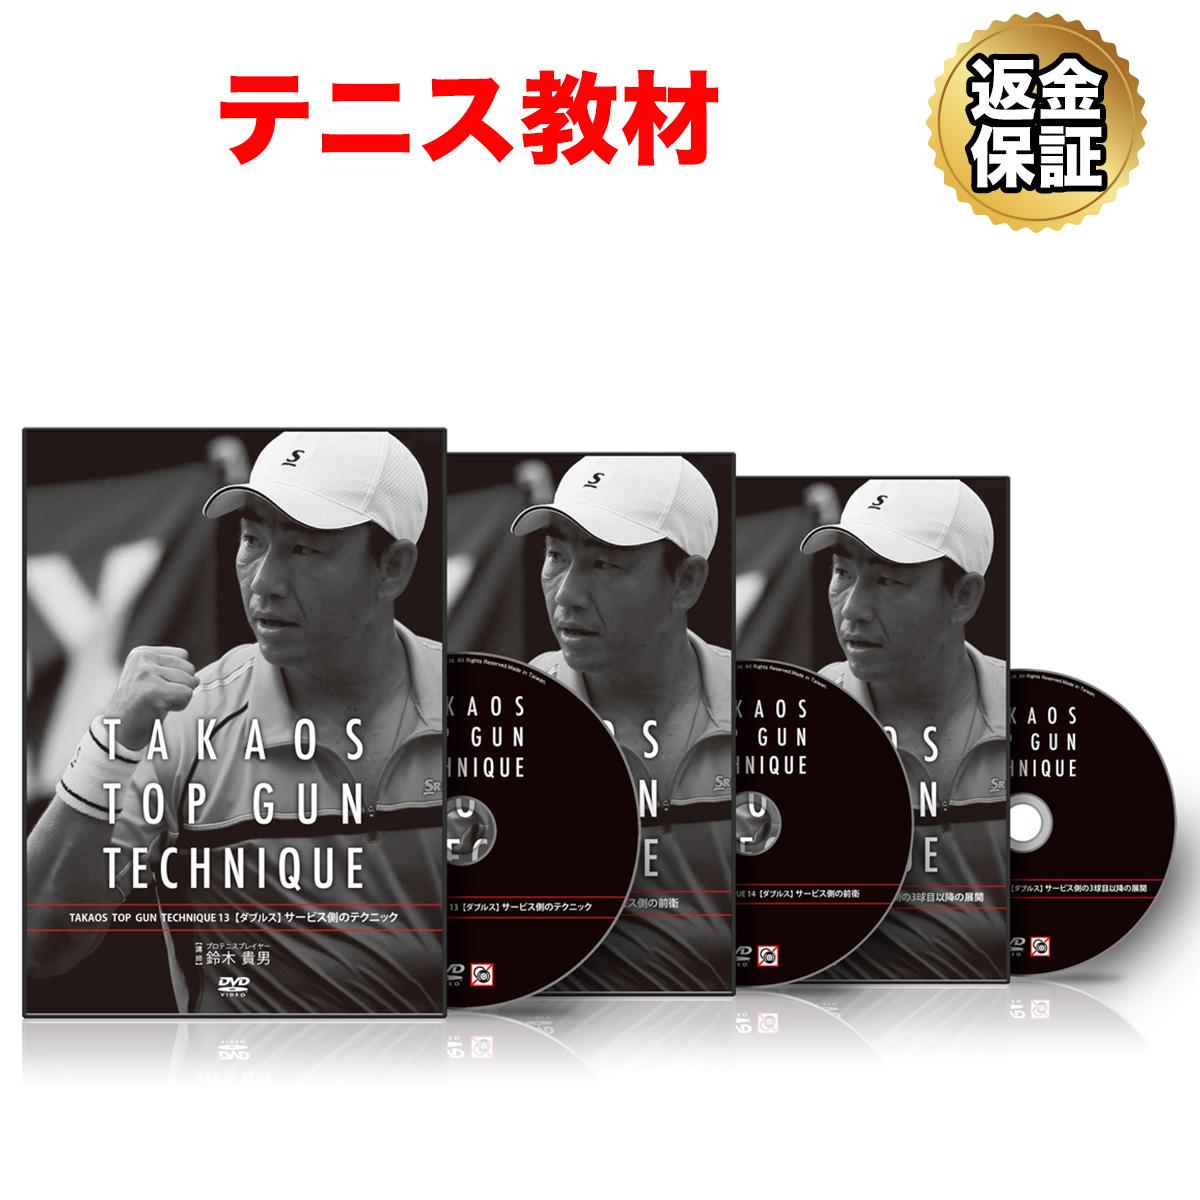 【テニス】鈴木貴男の TOP GUN TECHNIQUE 13~15【ダブルス・サービス】